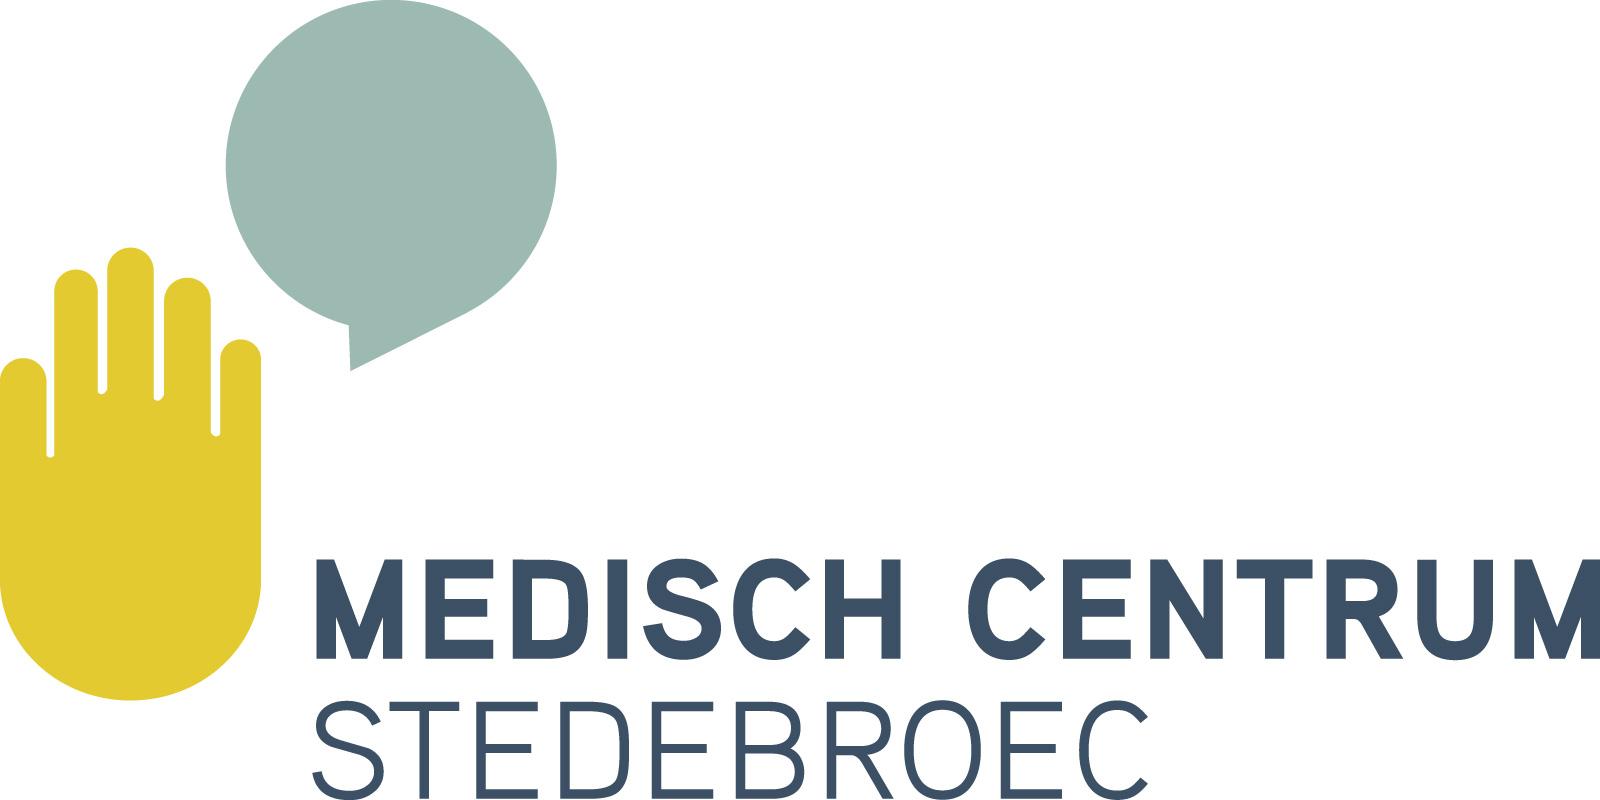 Medisch Centrum Stedebroec - Naar startpagina